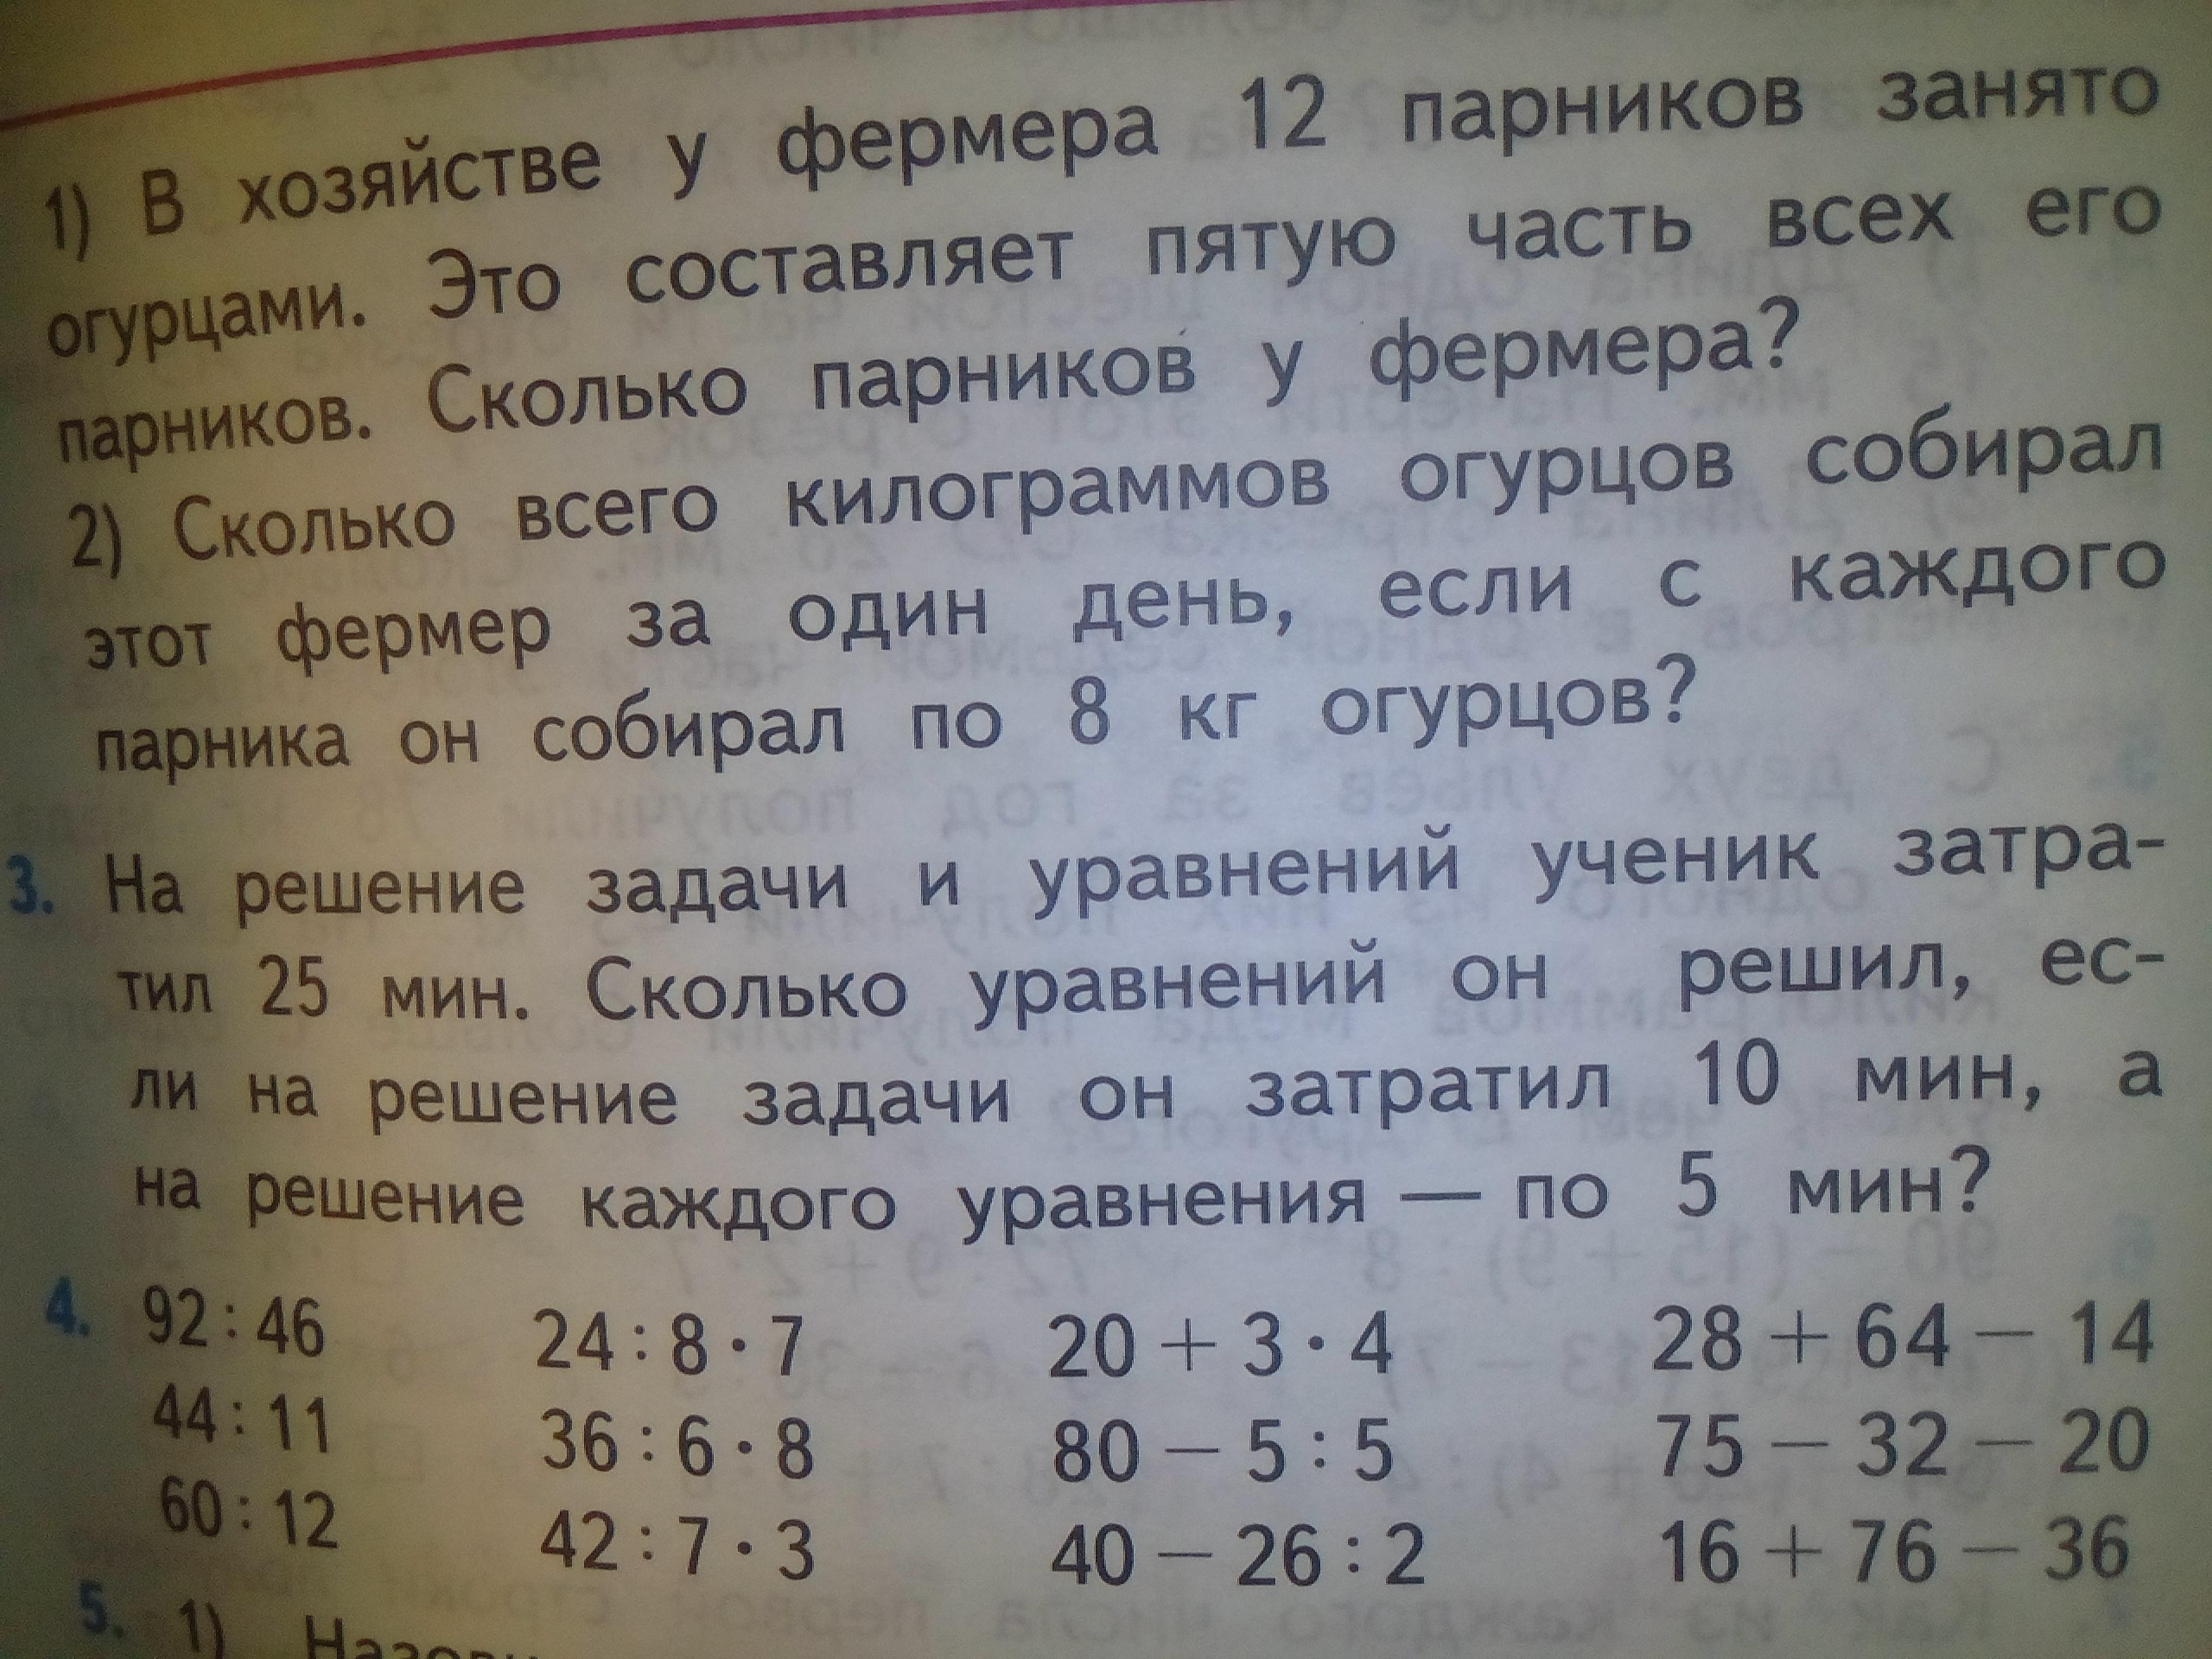 Ученик затратил на решения задачи 6 мин задача симплекс методом не имеет решения